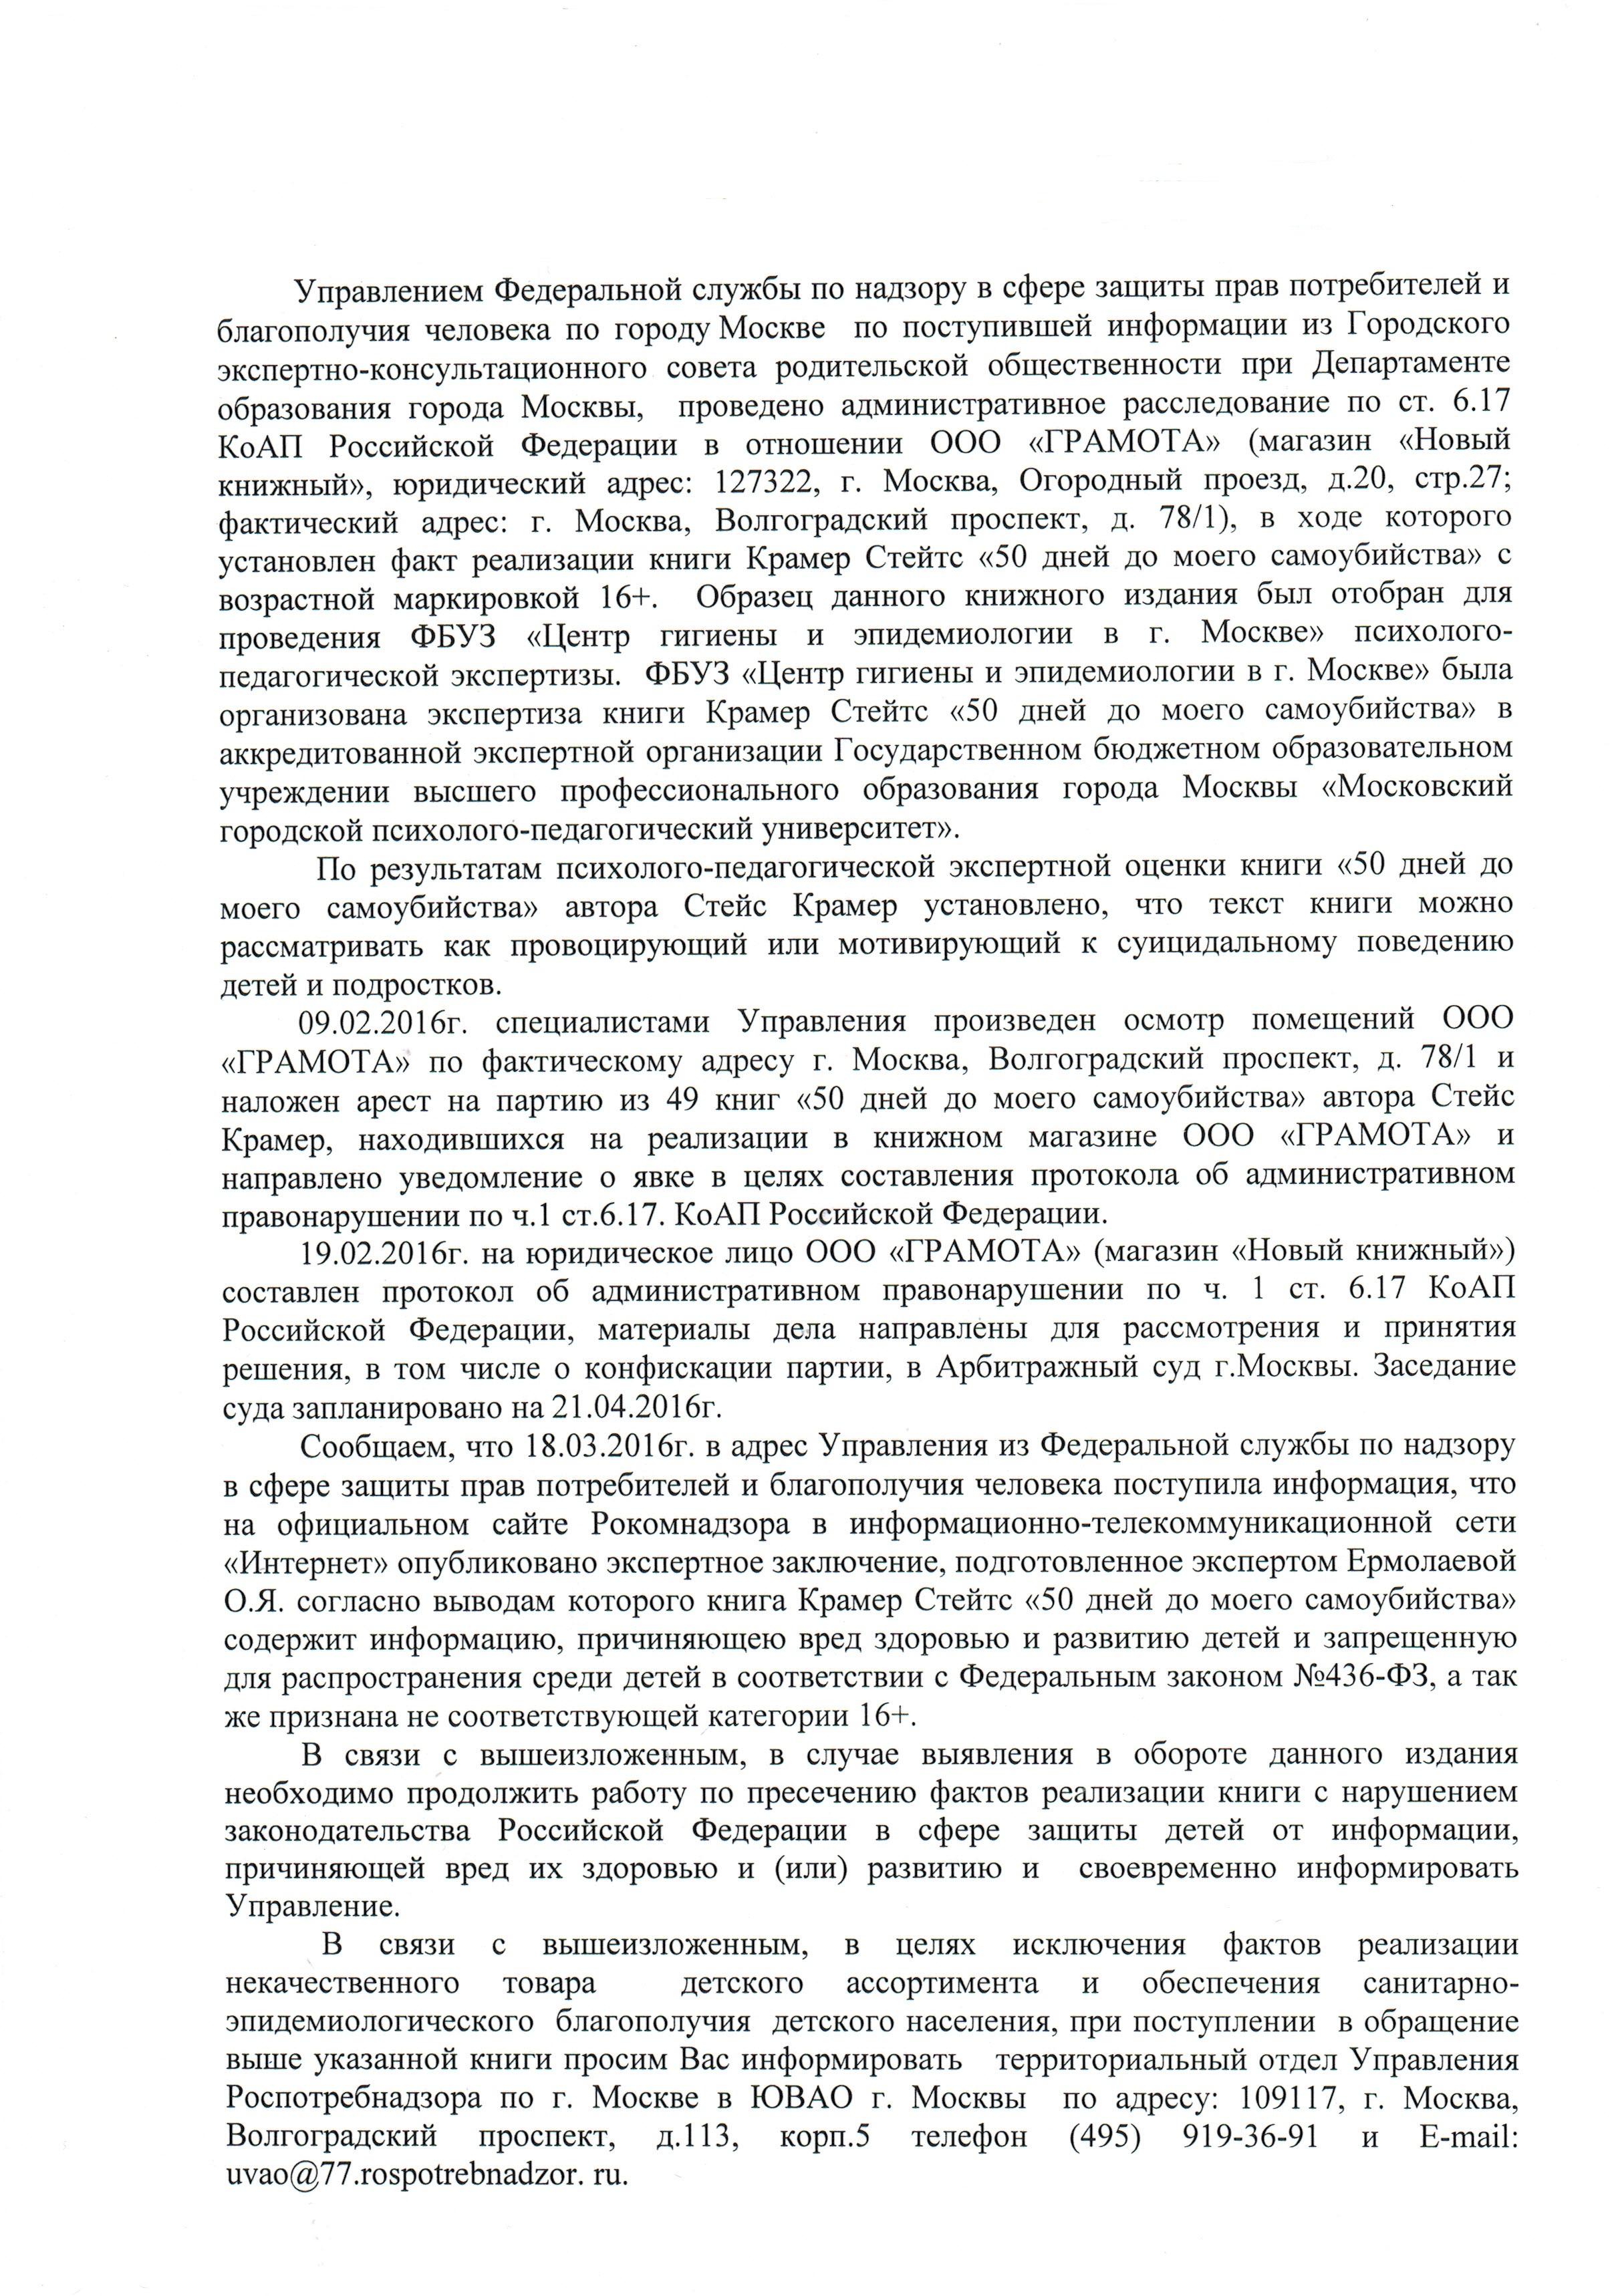 Хабаровск справка о несудимости